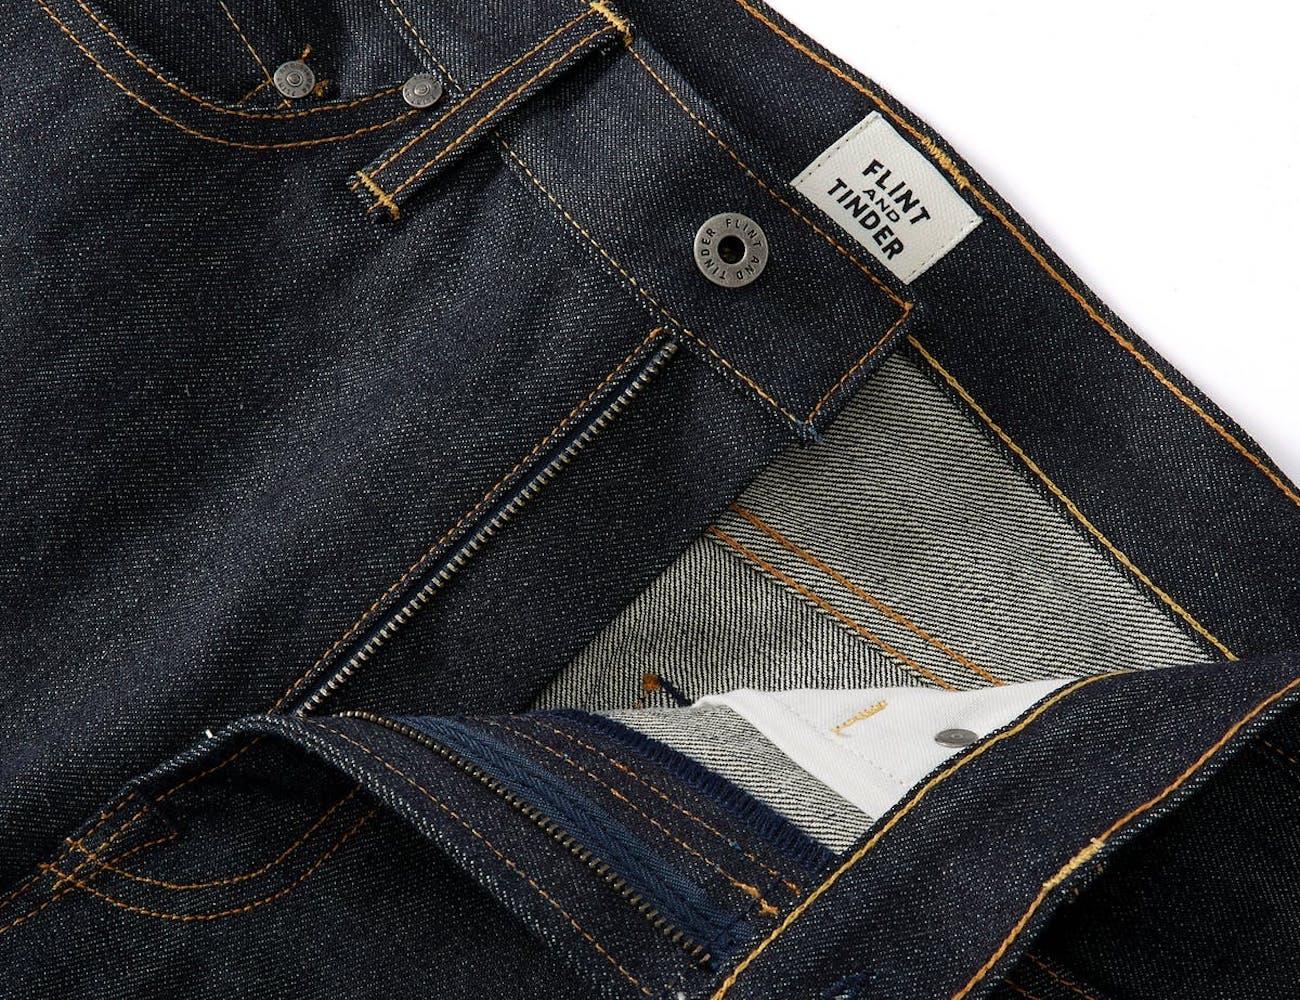 Flint and Tinder Defender Denim Kevlar Jeans are incredibly durable